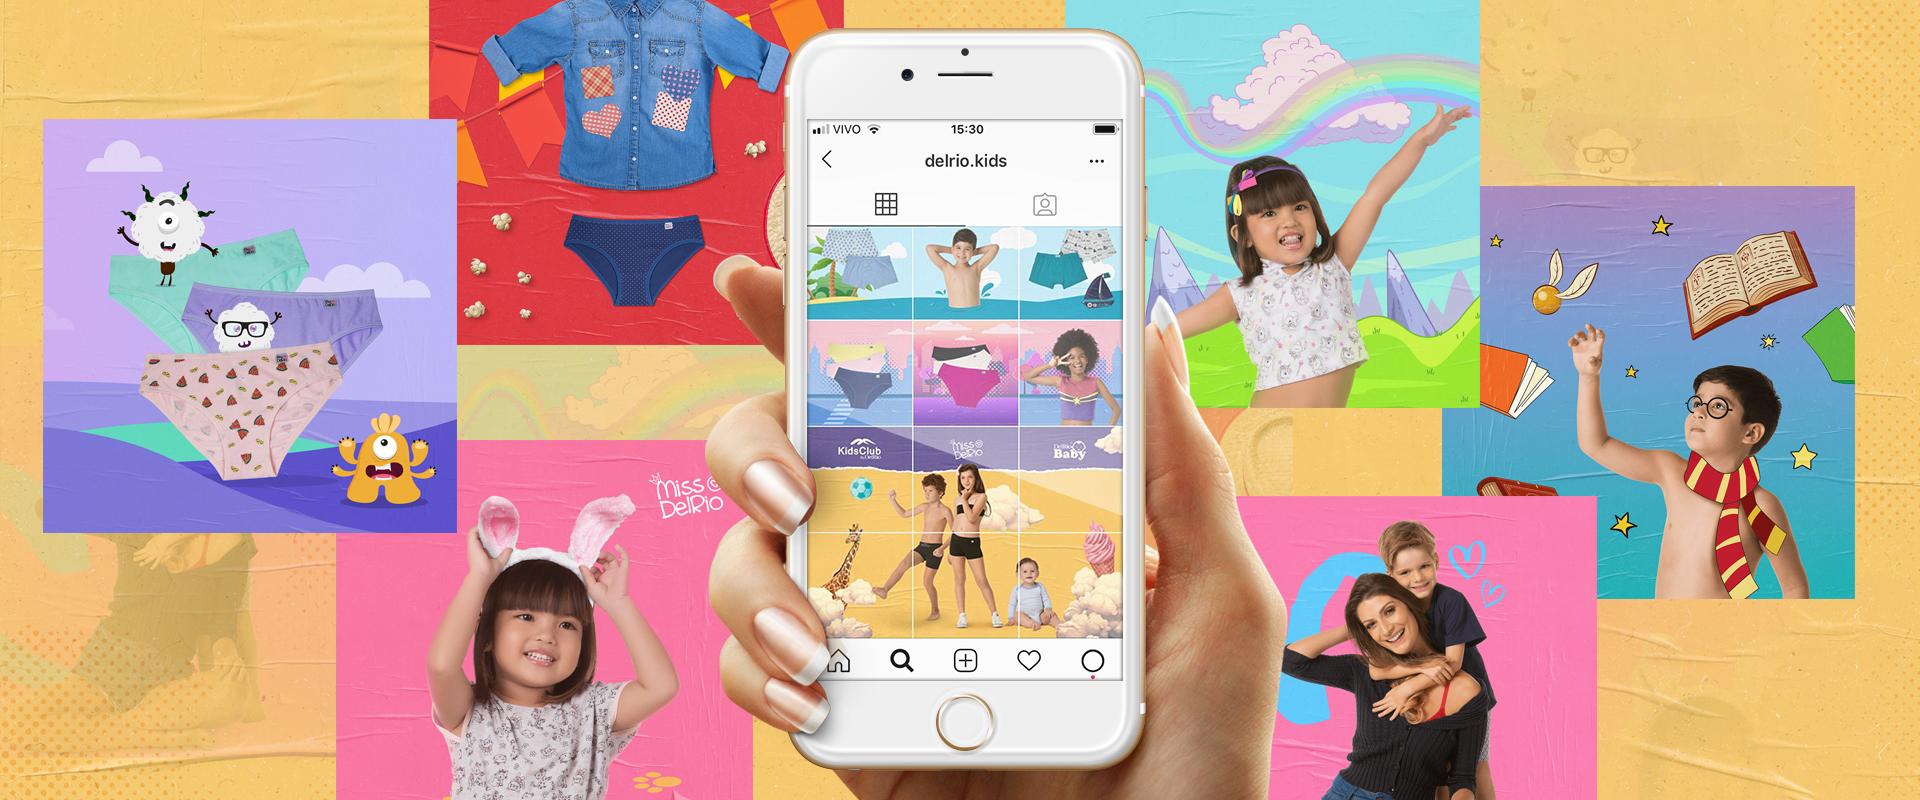 DelRio impacta seguidores das linhas infantis no Instagram